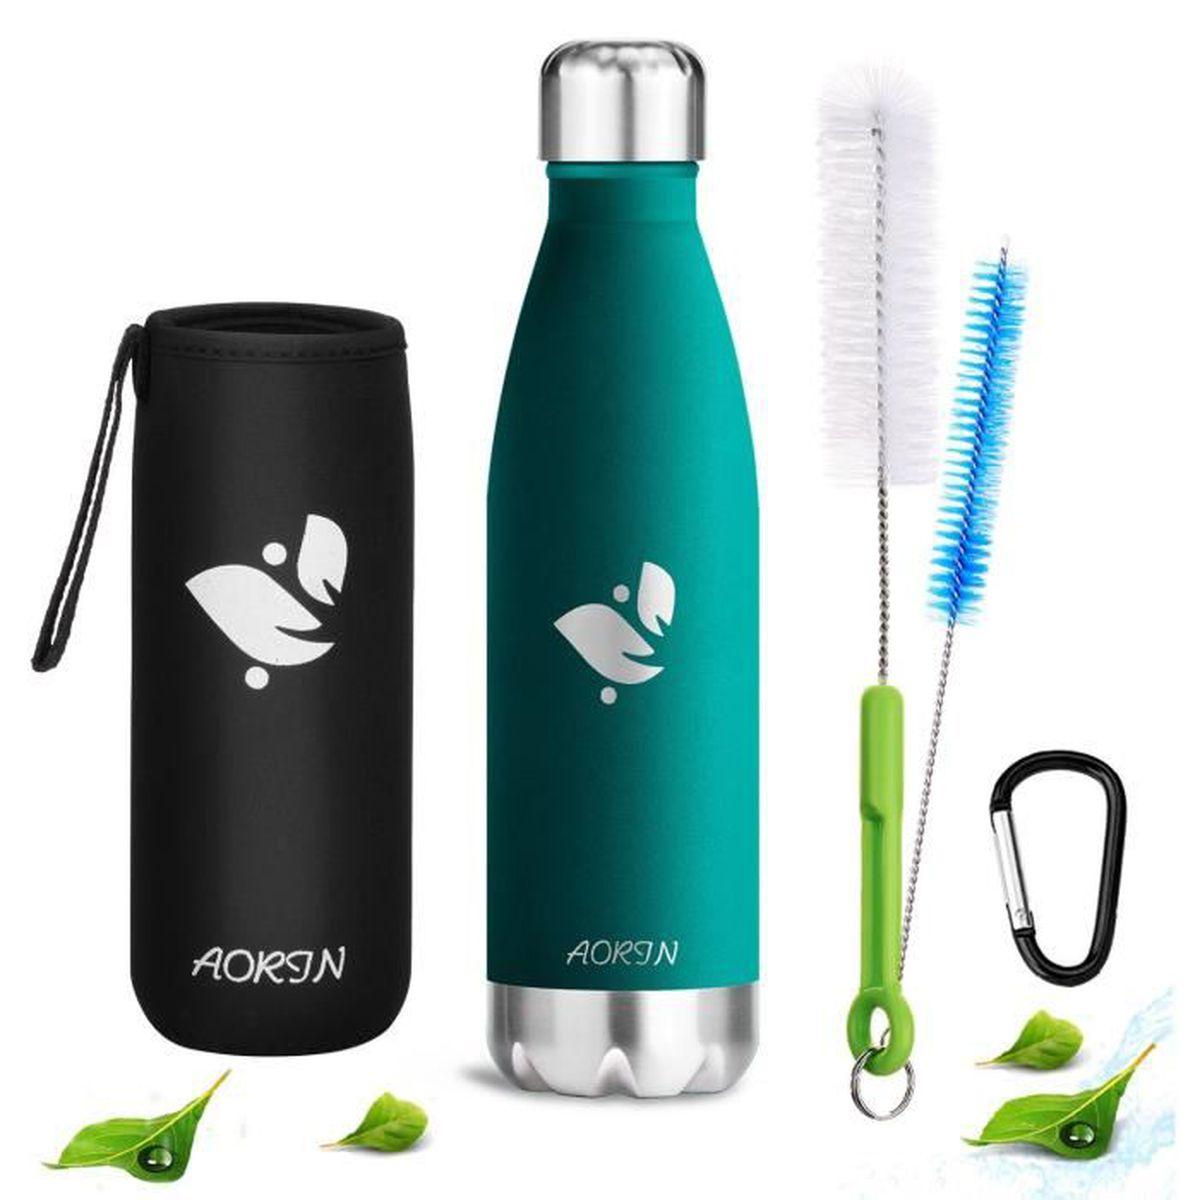 Ekna Bouteille deau 2,2 // 1 litre Gourde id/éale pour les besoins en eau quotidiens pour la vie quotidienne le fitness ou les voyages Sans BPA avec indicateur de niveau